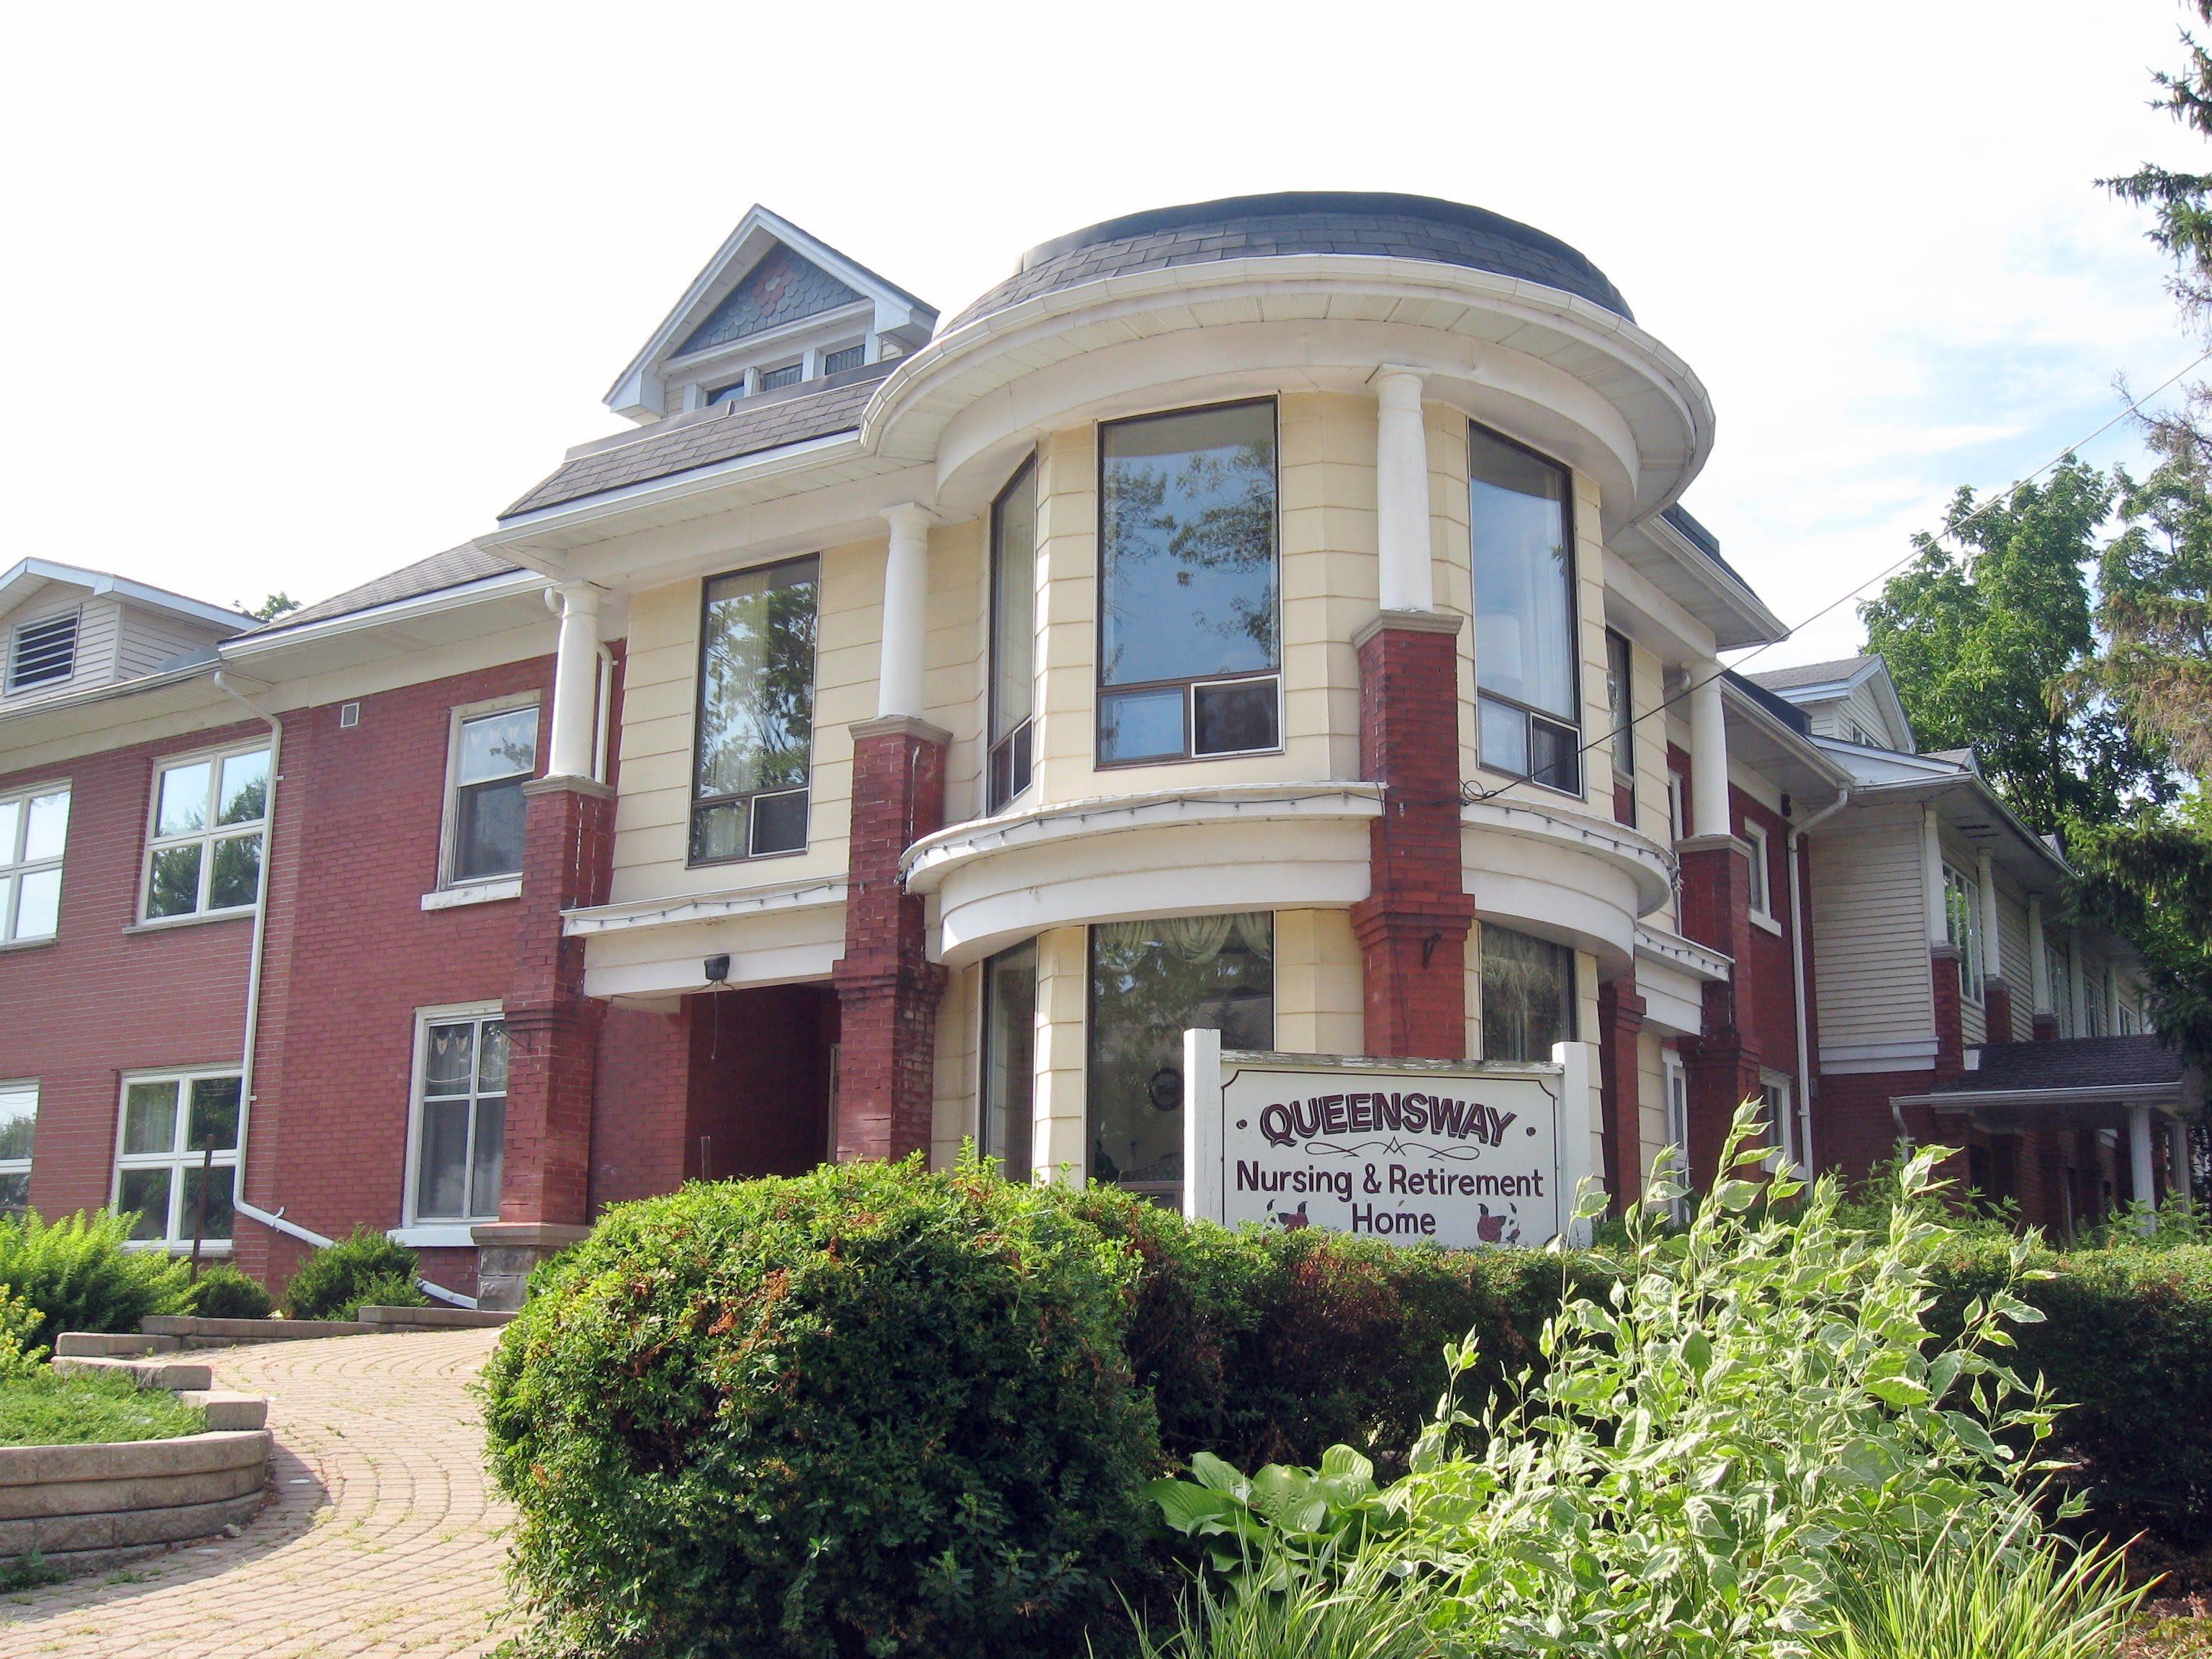 Photo 1 of Queensway Retirement Community